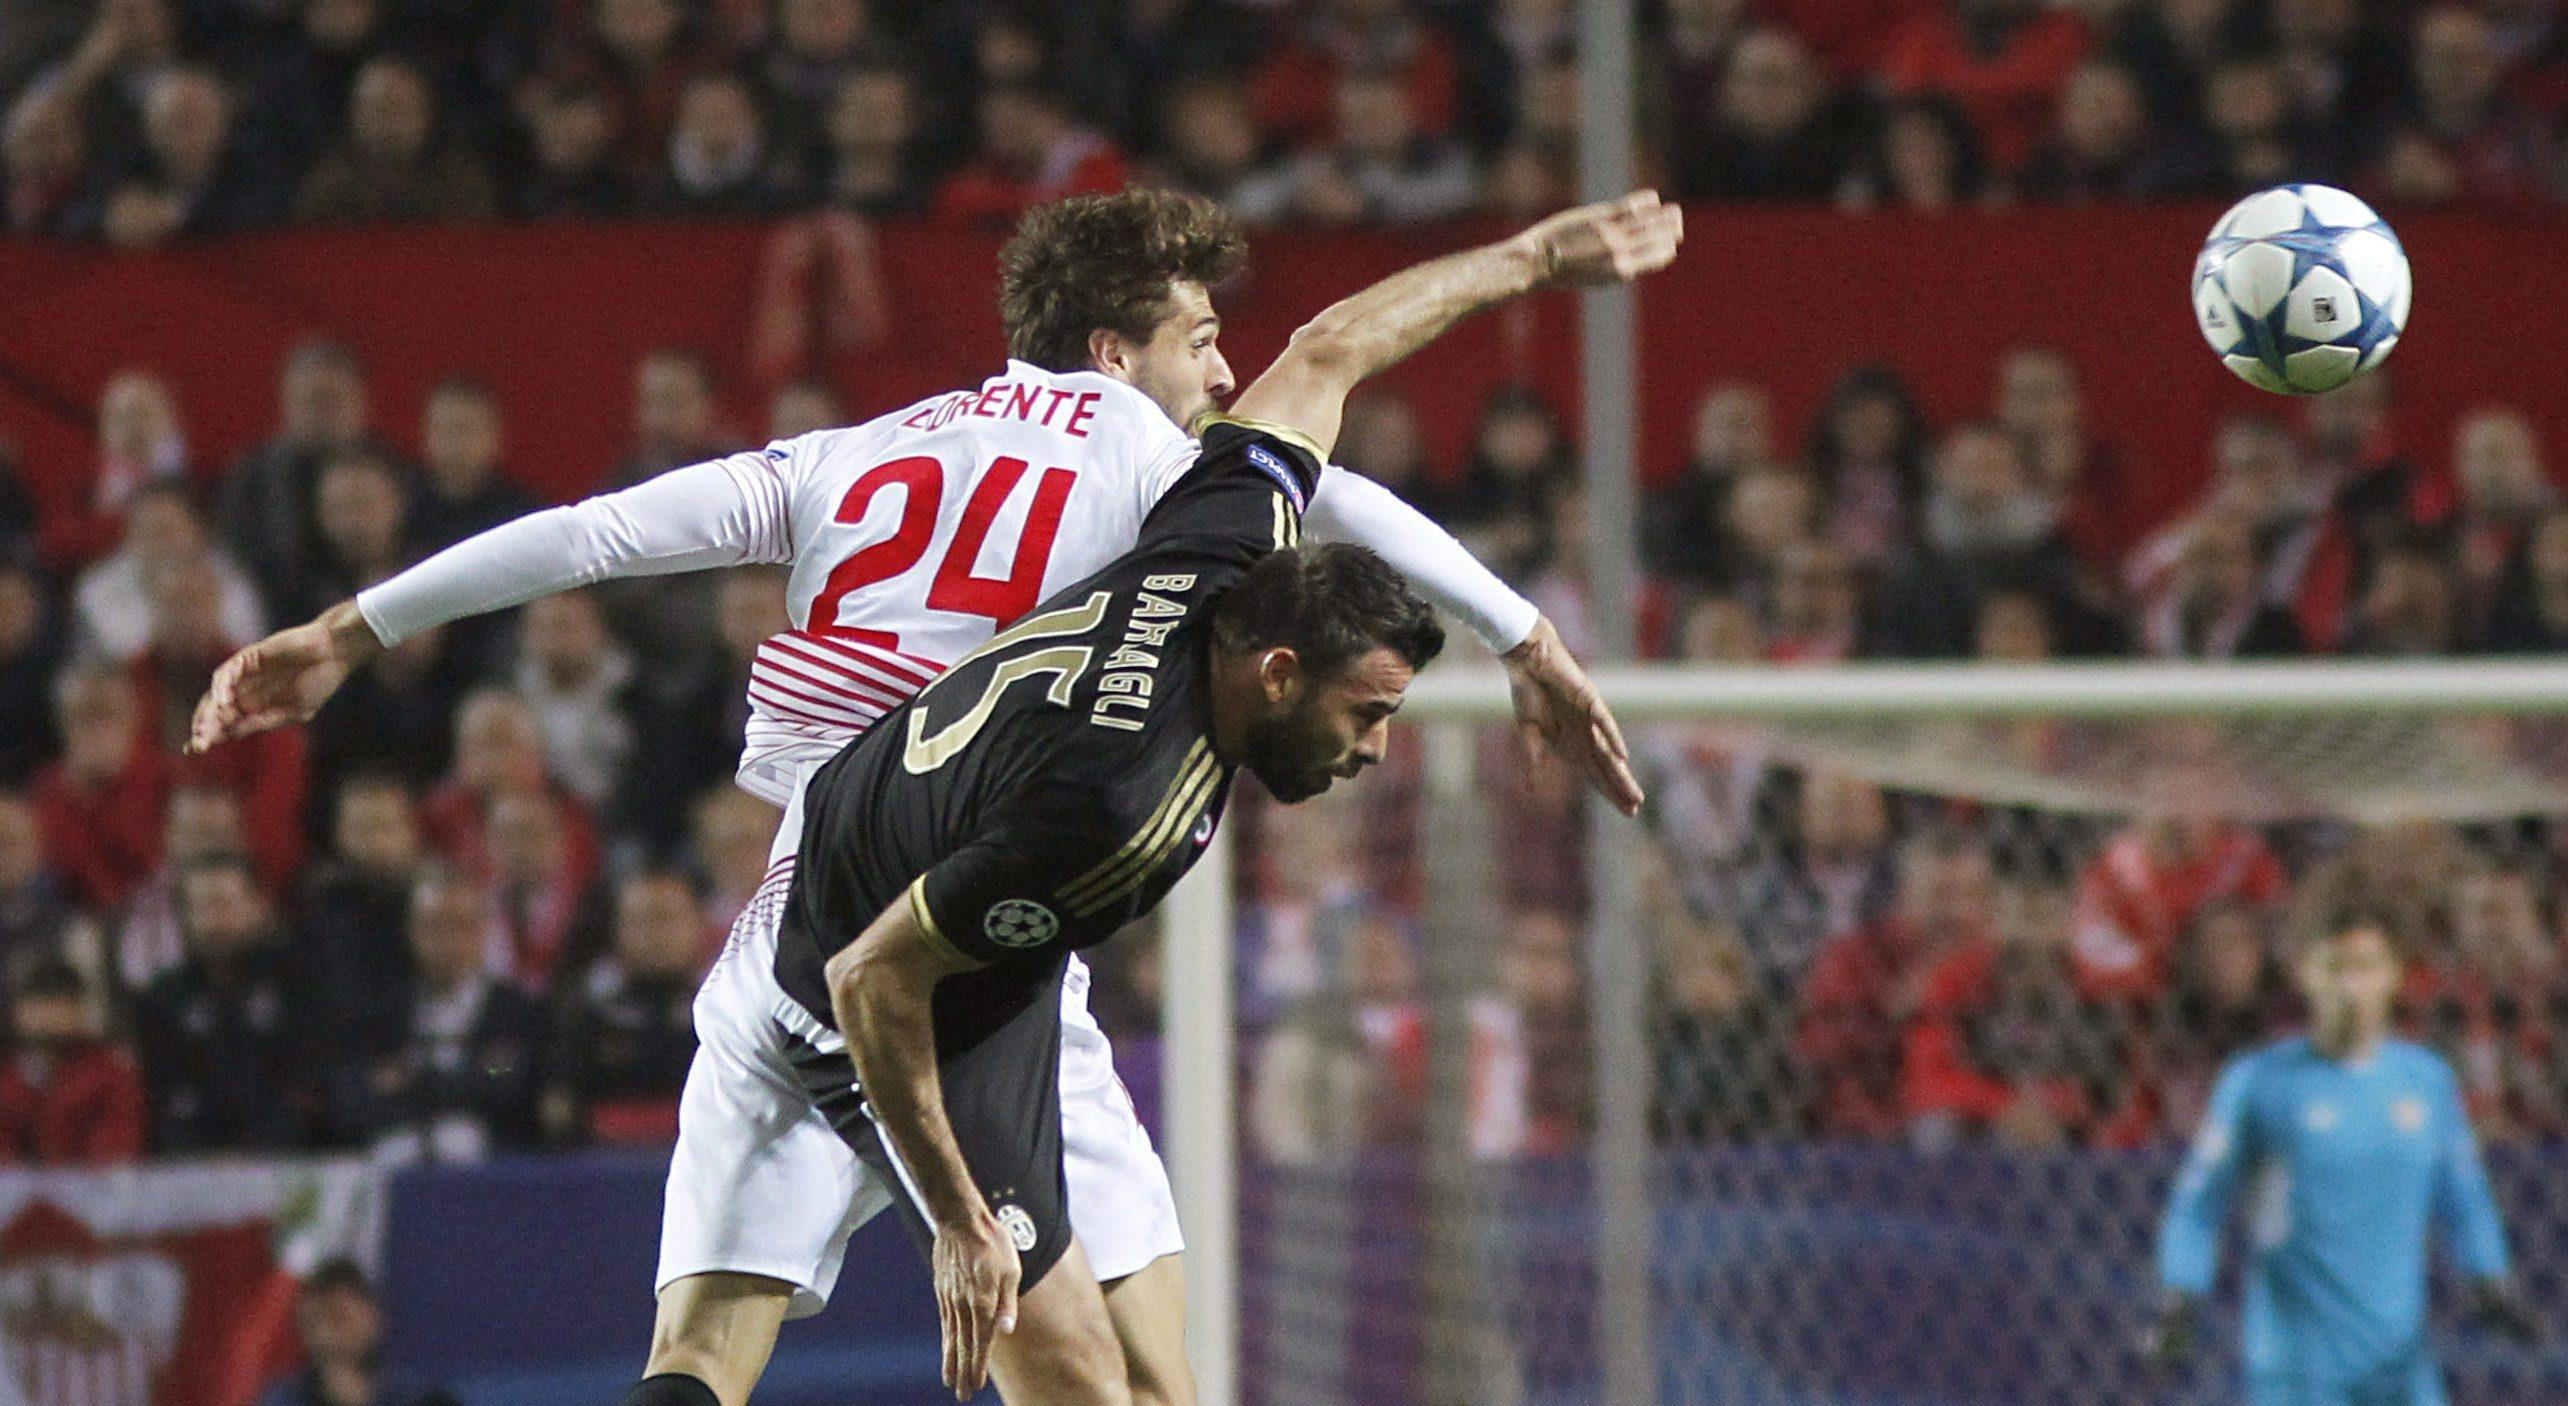 SEVILLA FC VS JUVENTUS TURIN